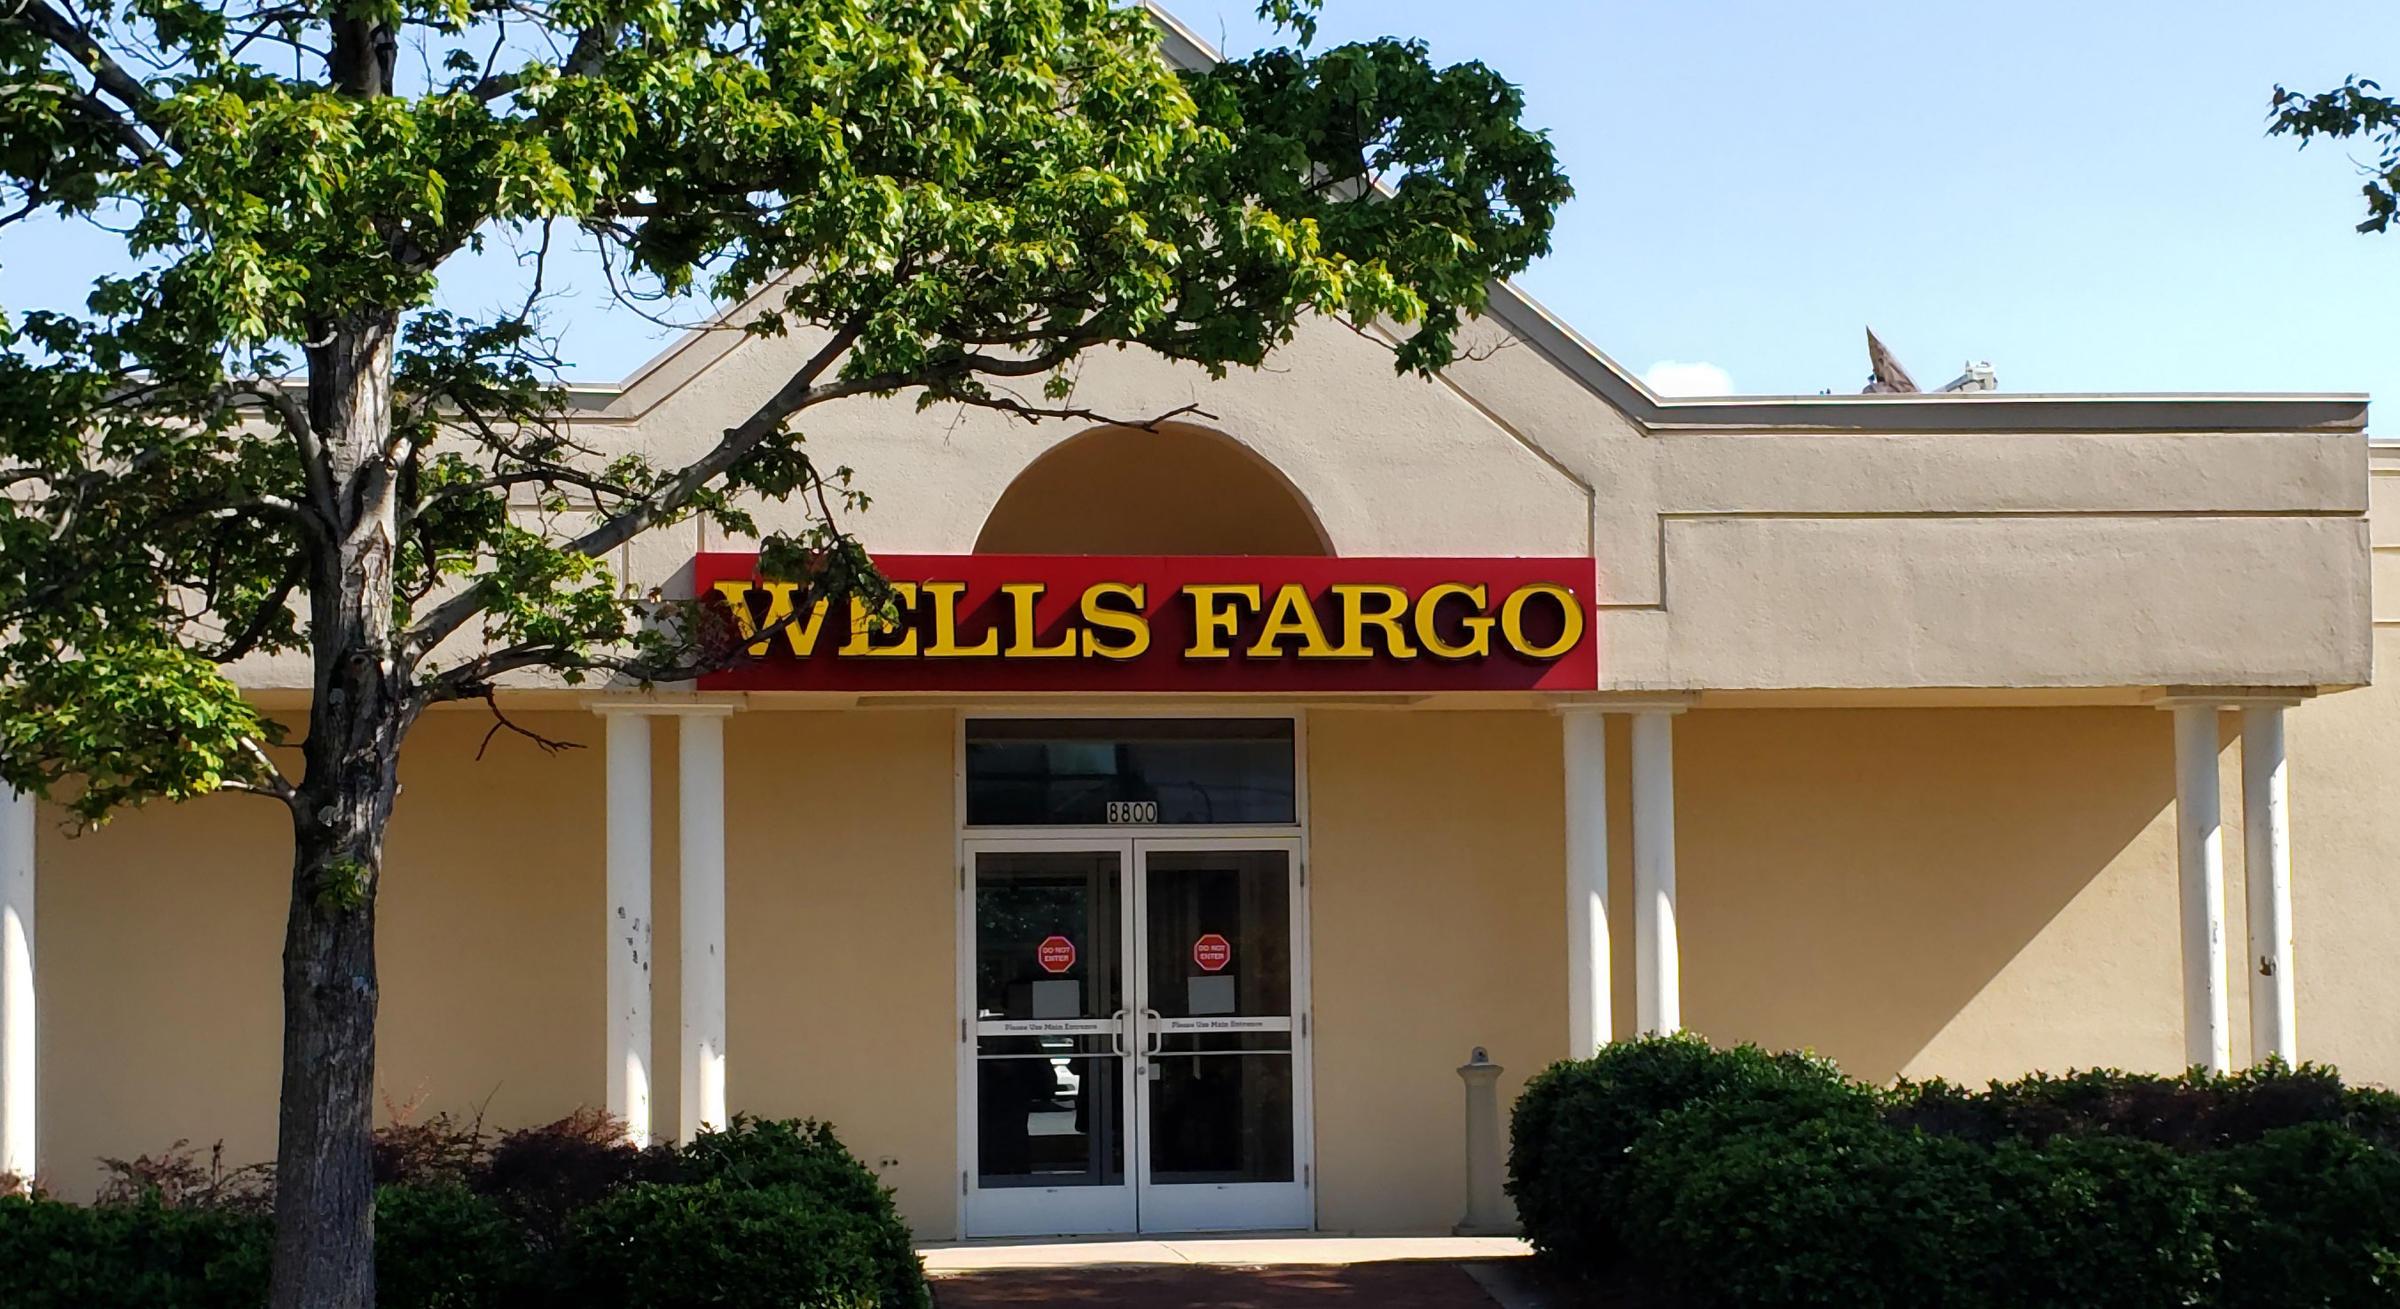 Wells Fargo names BNY Mellon's Charles Scharf as CEO